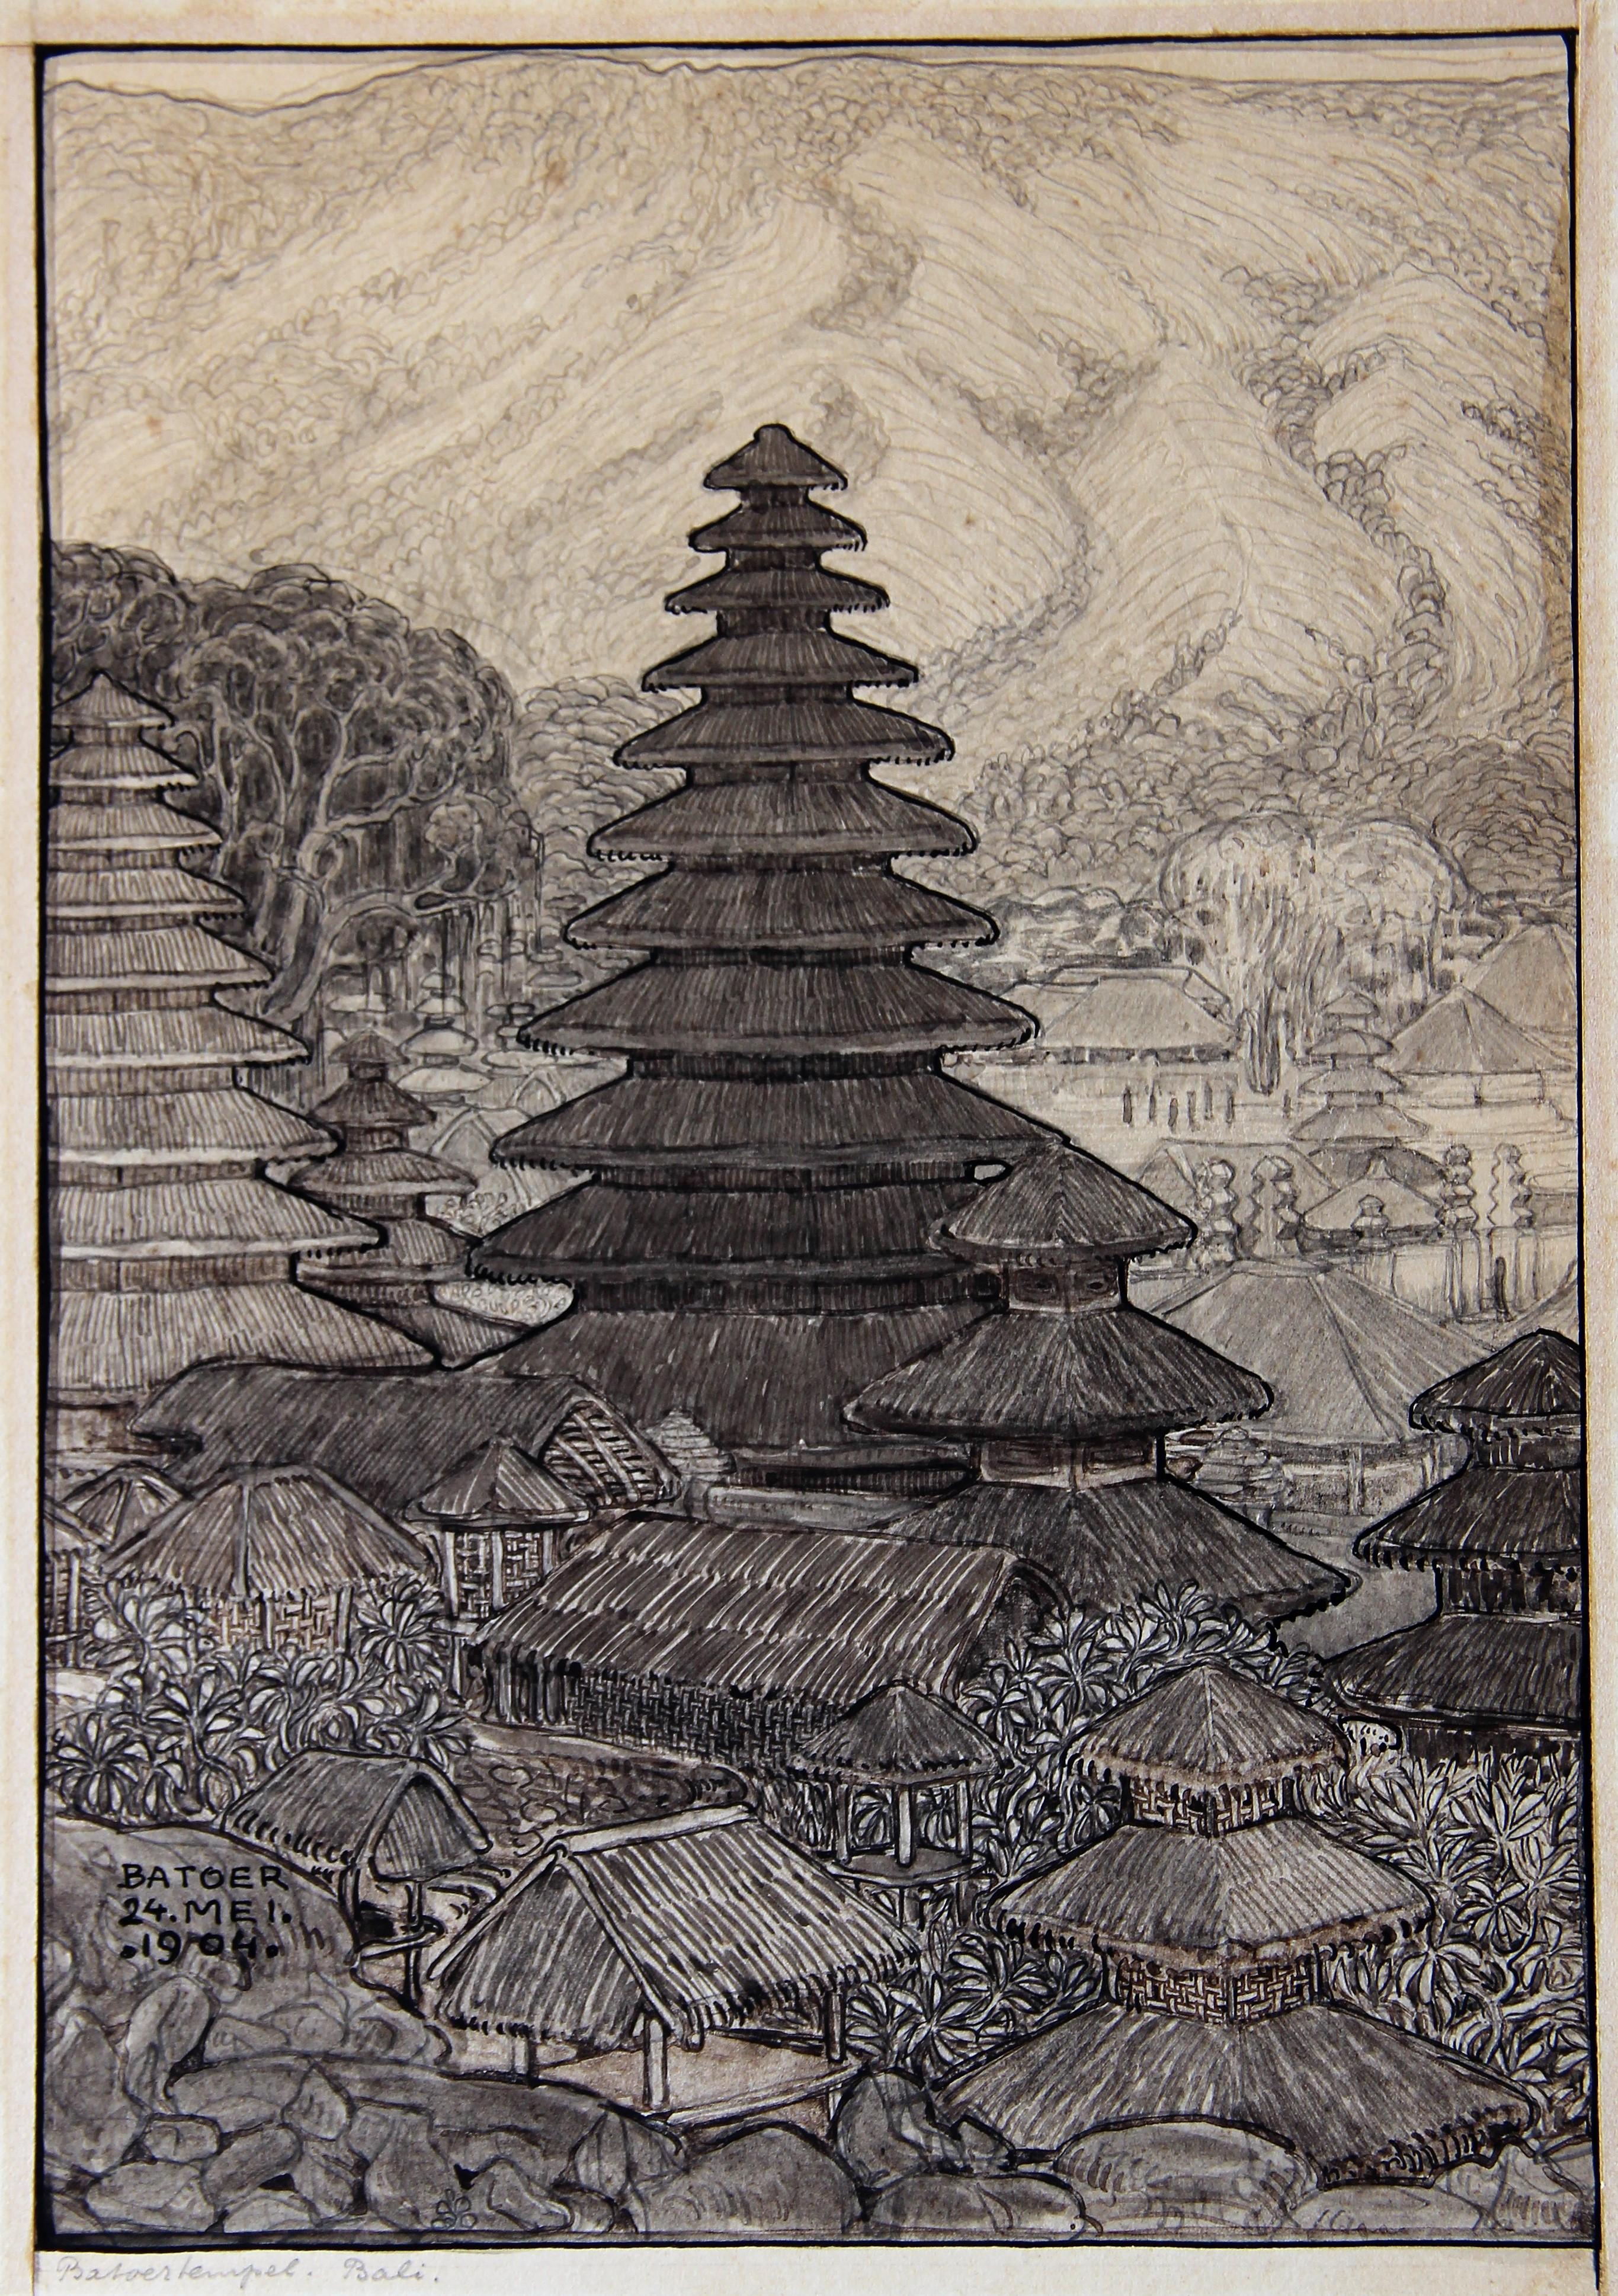 Gezicht op de tempels bij de Batoer op Bali in 1904- W.O.J. Nieuwenkamp